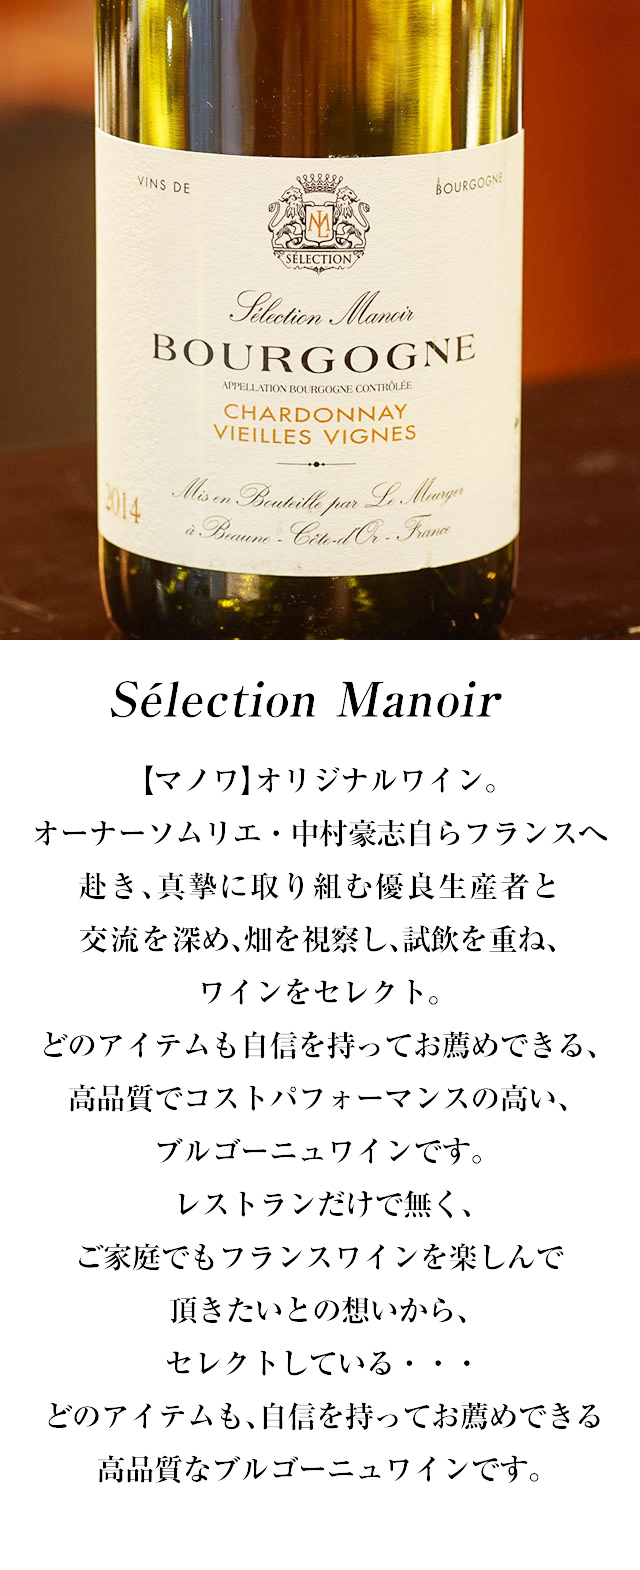 Sélection Manoir